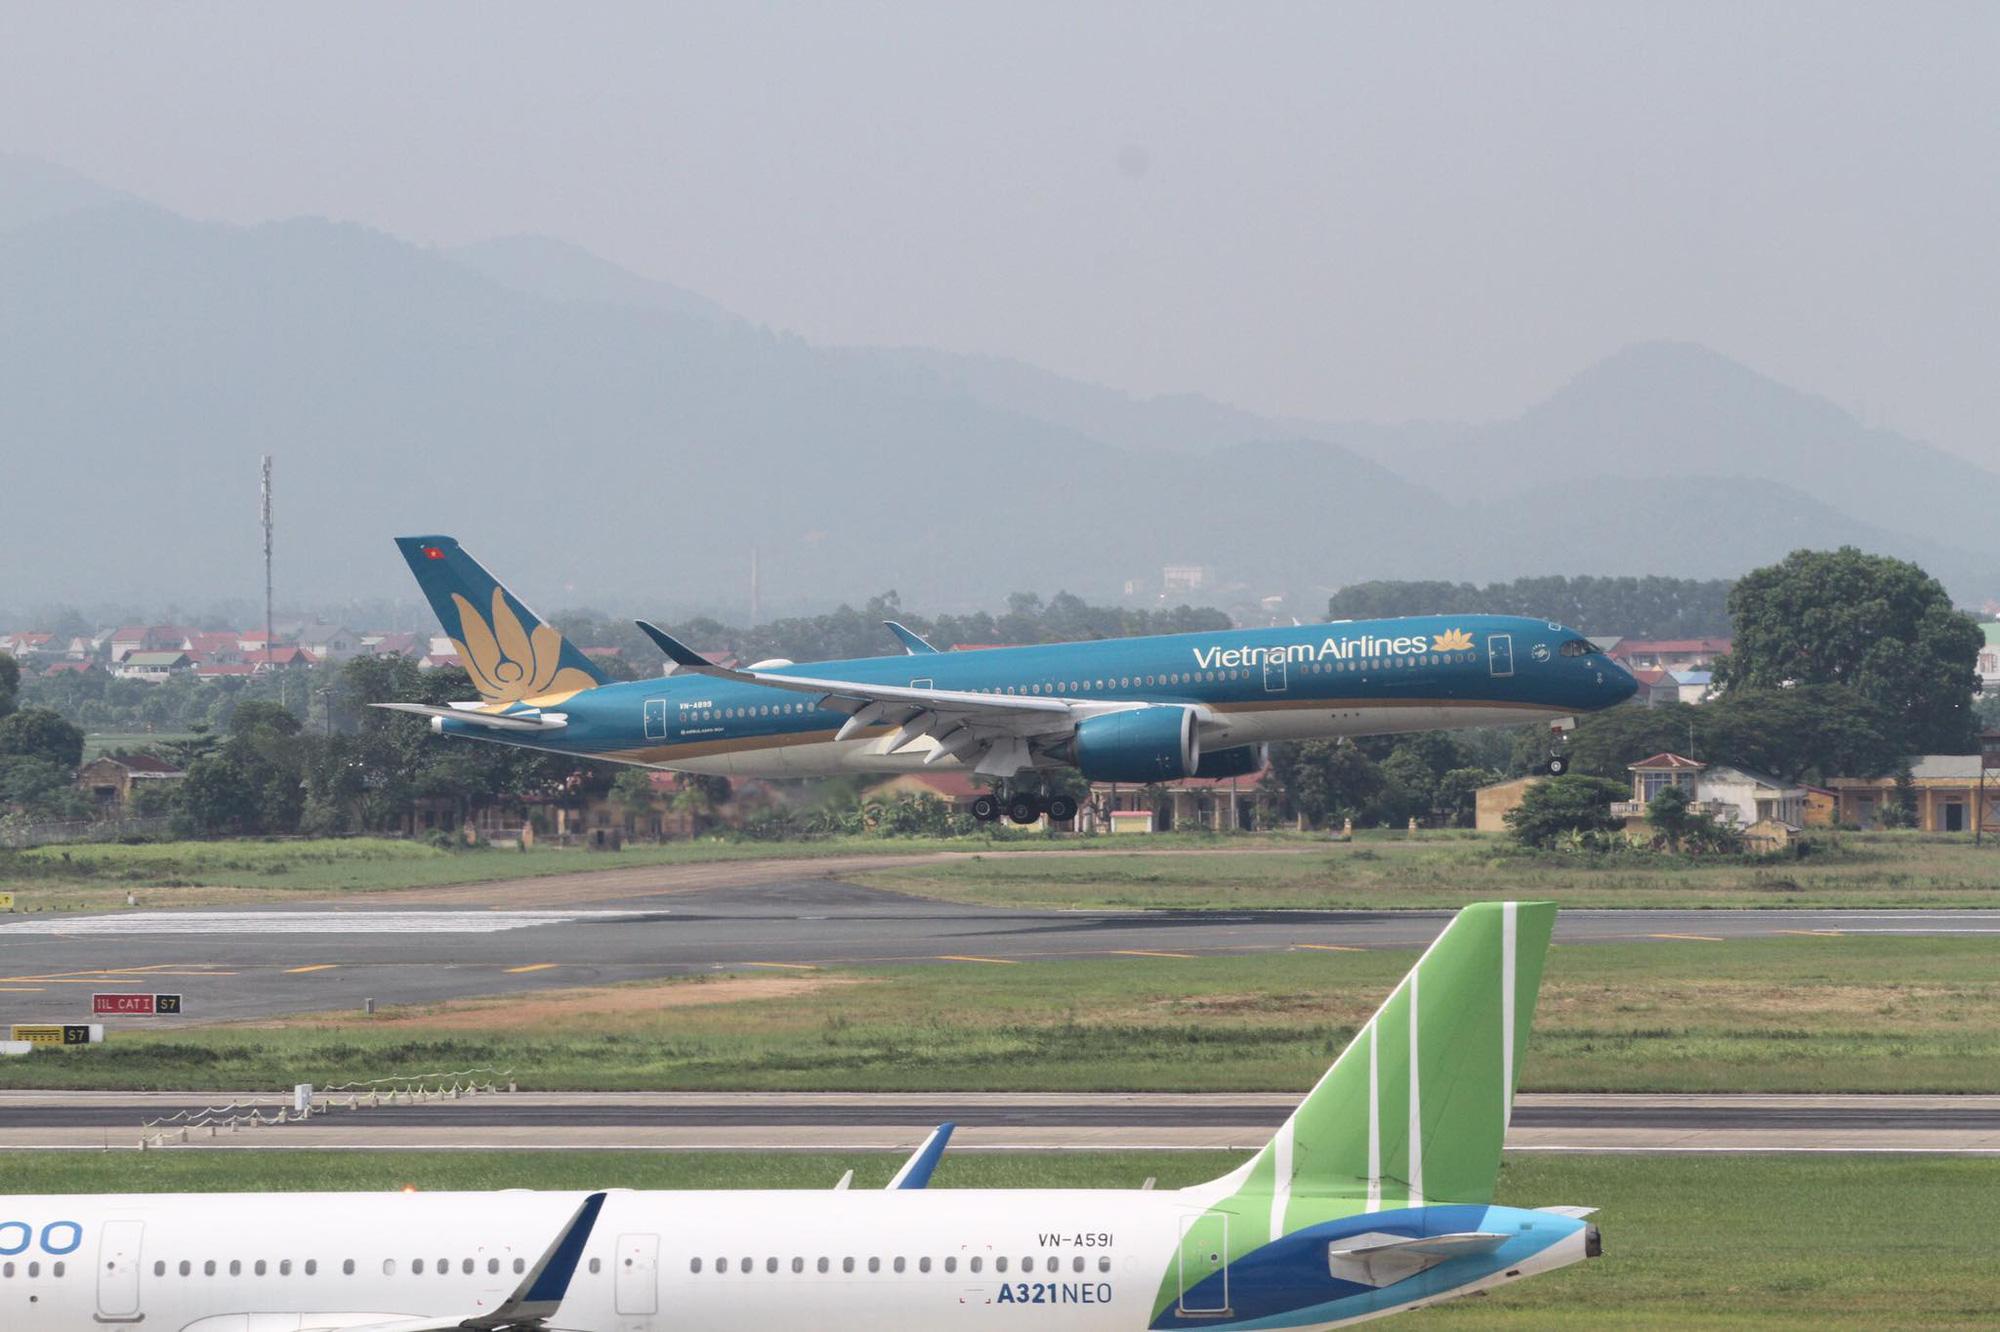 Vietnam Airlines chở 219 công dân Việt Nam t - Ảnh 1.